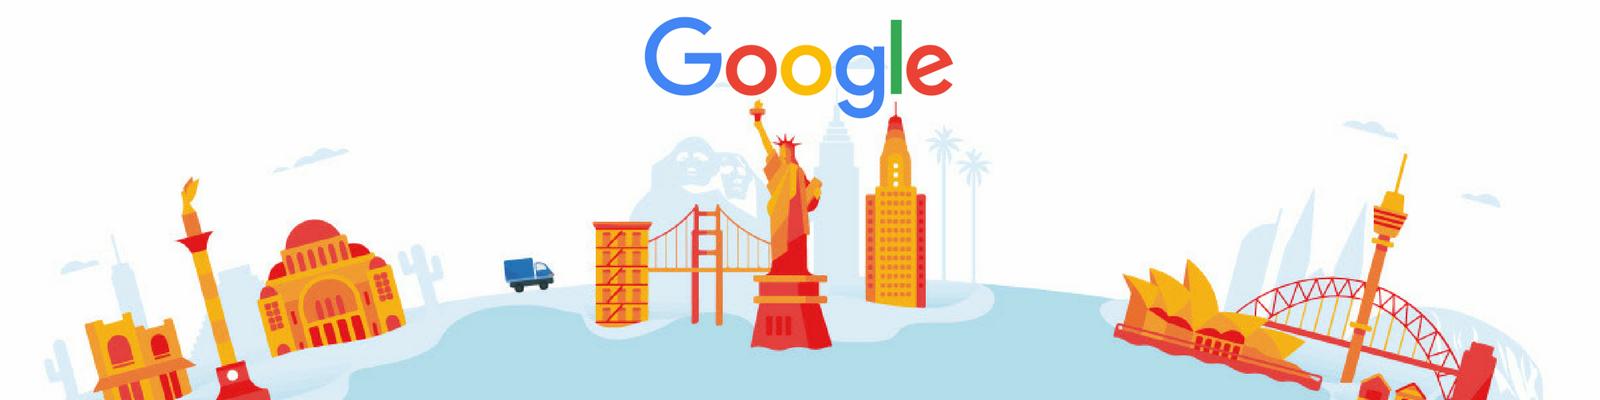 Export By Google:¿Y por qué no comenzamos a vender fuera de nuestro país ya mismo?